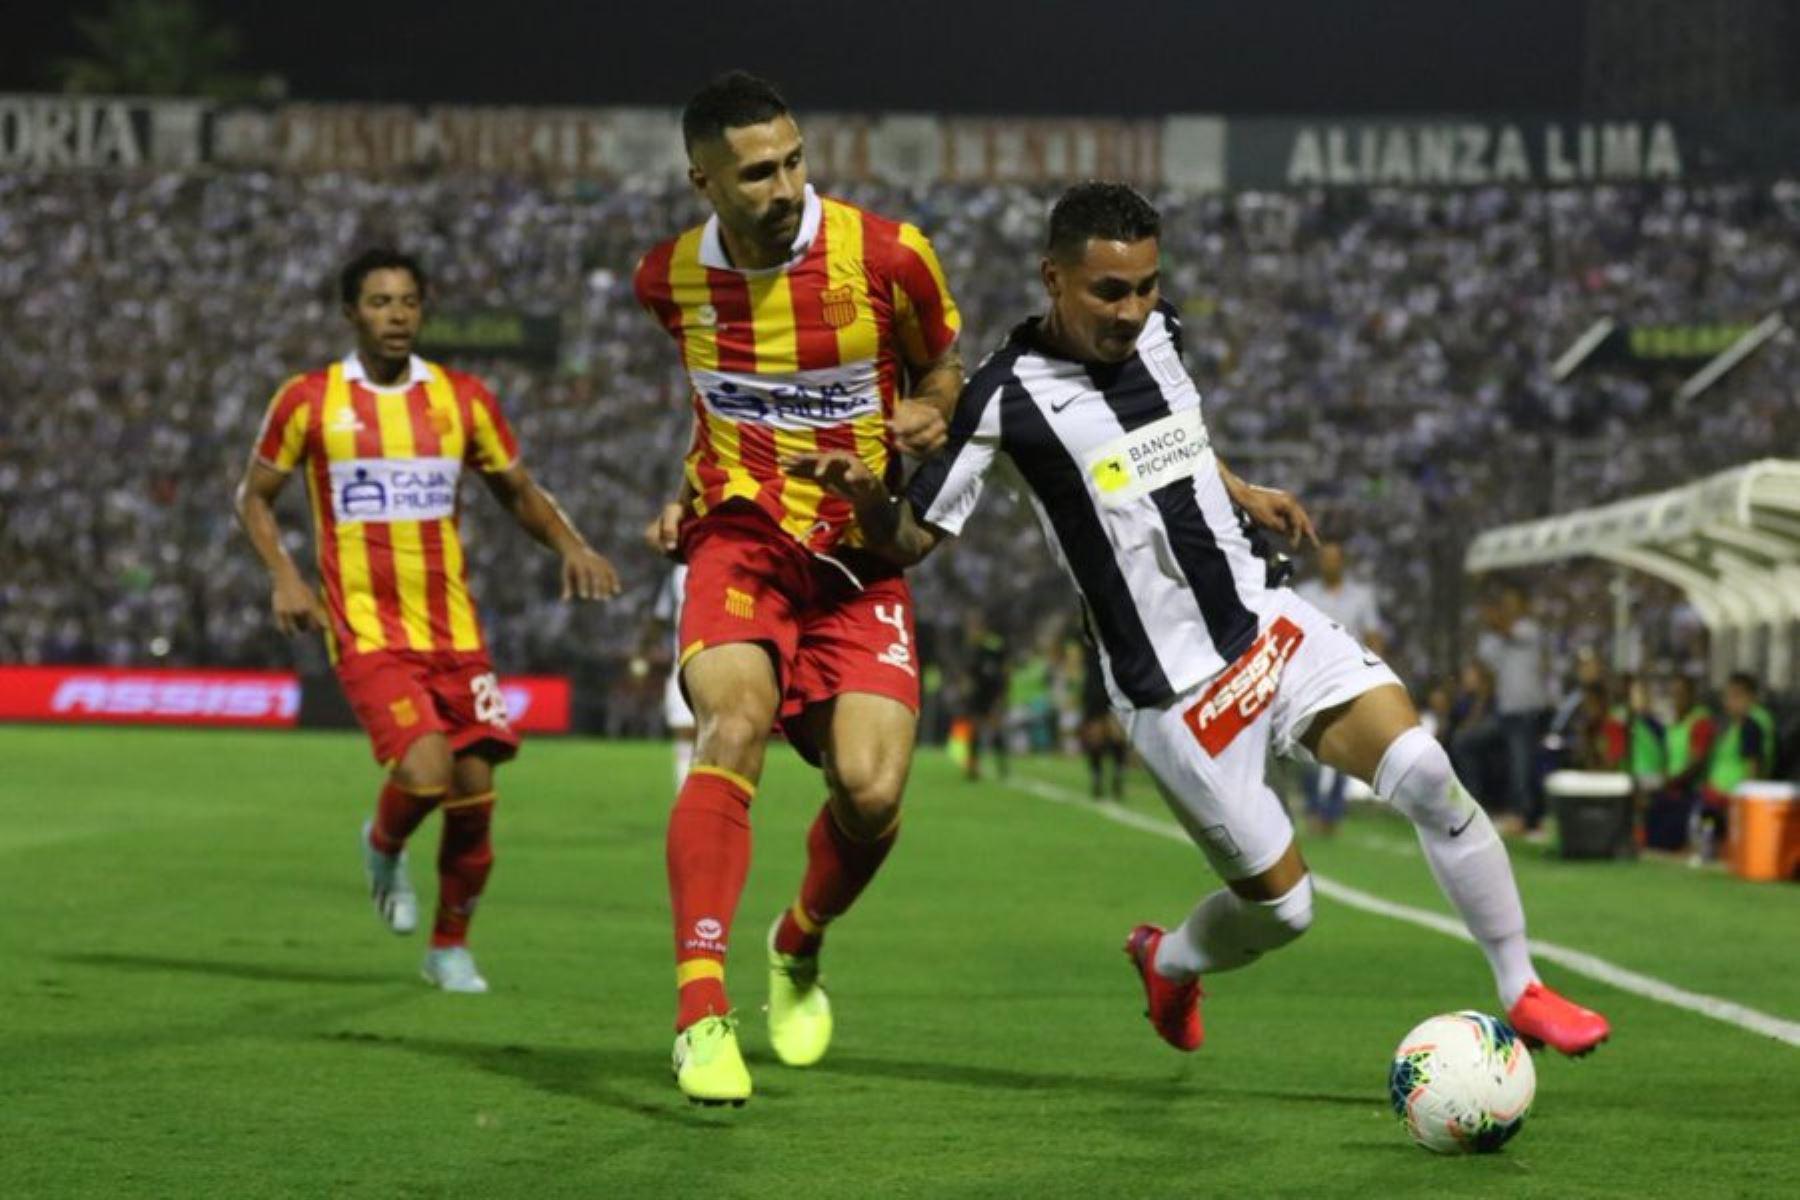 Los jugadores de Alianza Lima  aseguran que irán mejorando partido a partido